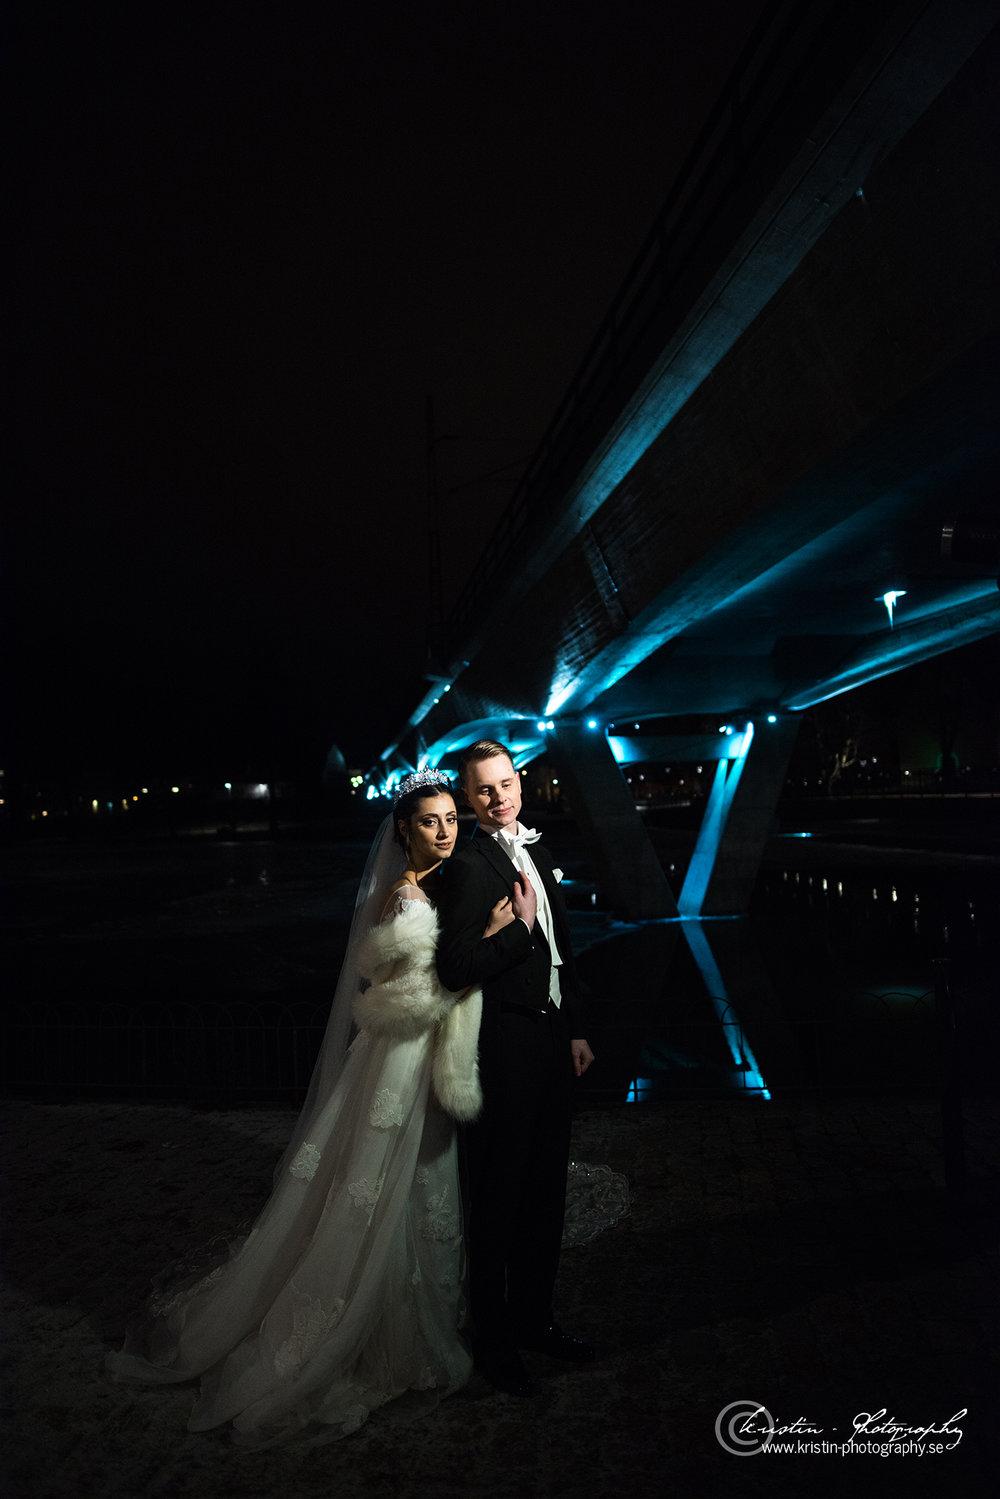 Bröllopsfotograf i Eskilstuna, Kristin - Photography, weddingphotographer -9c.jpg